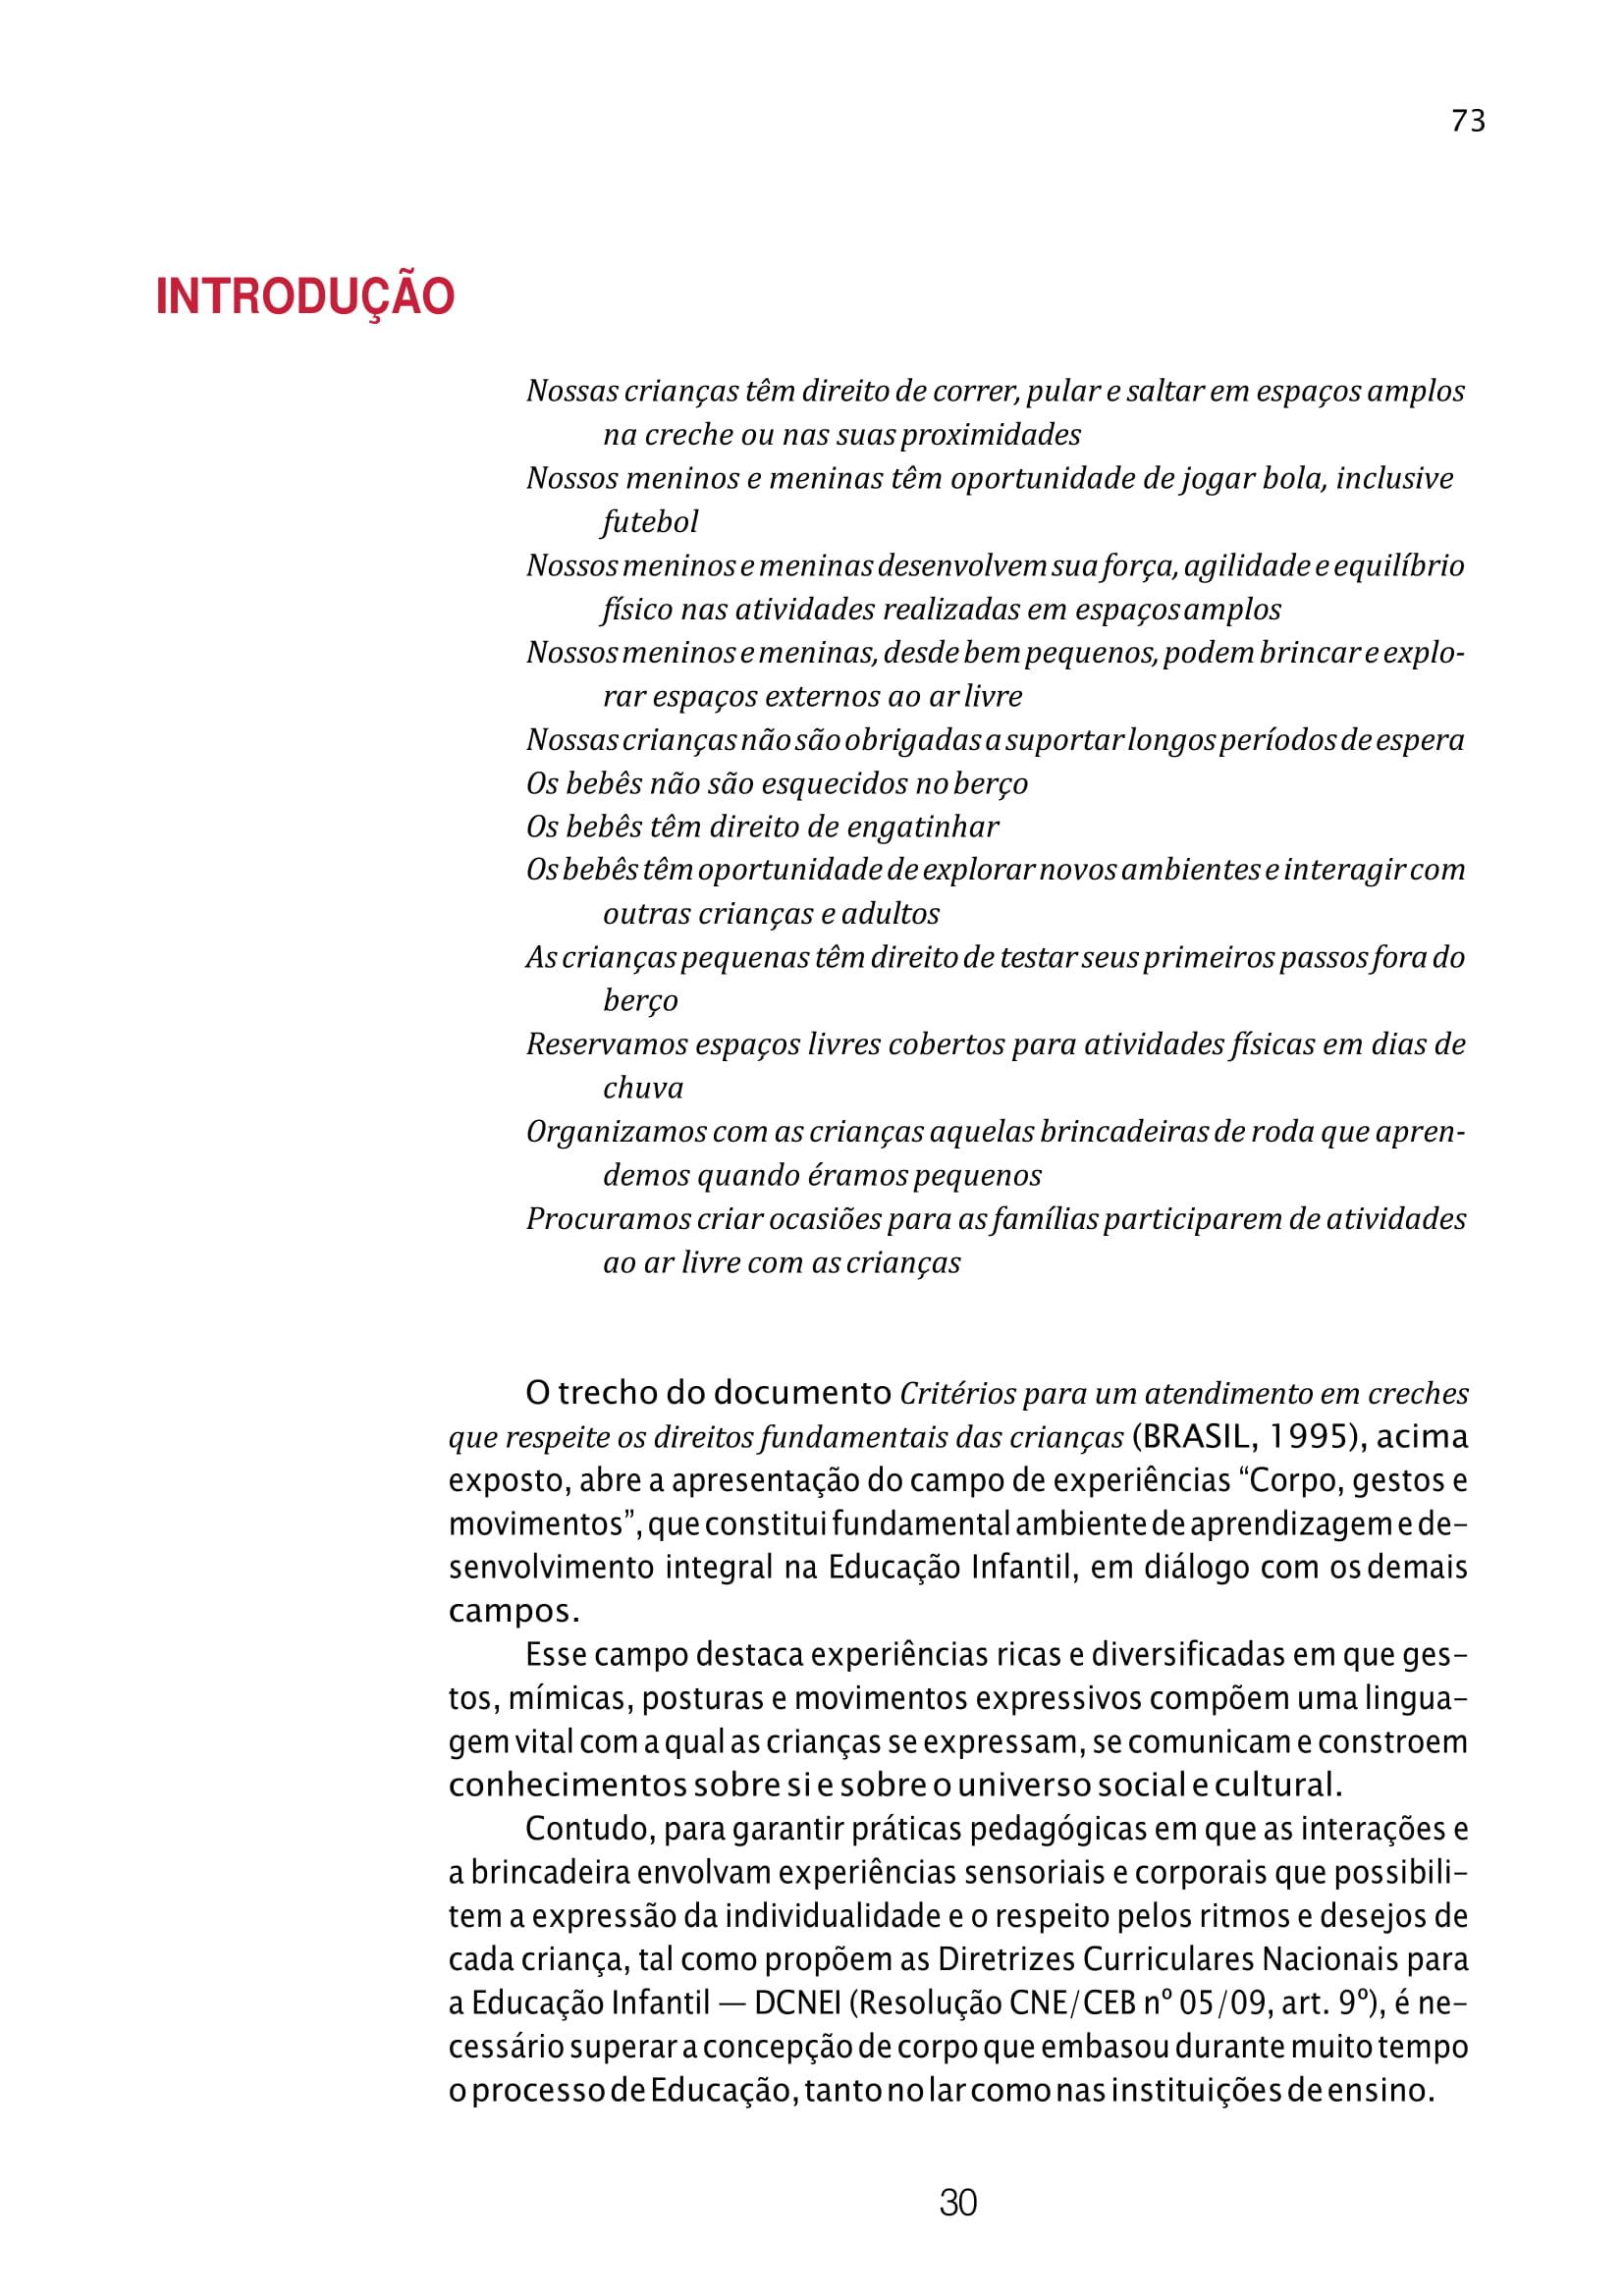 planejamento-educação-infantil-bncc-geral-103